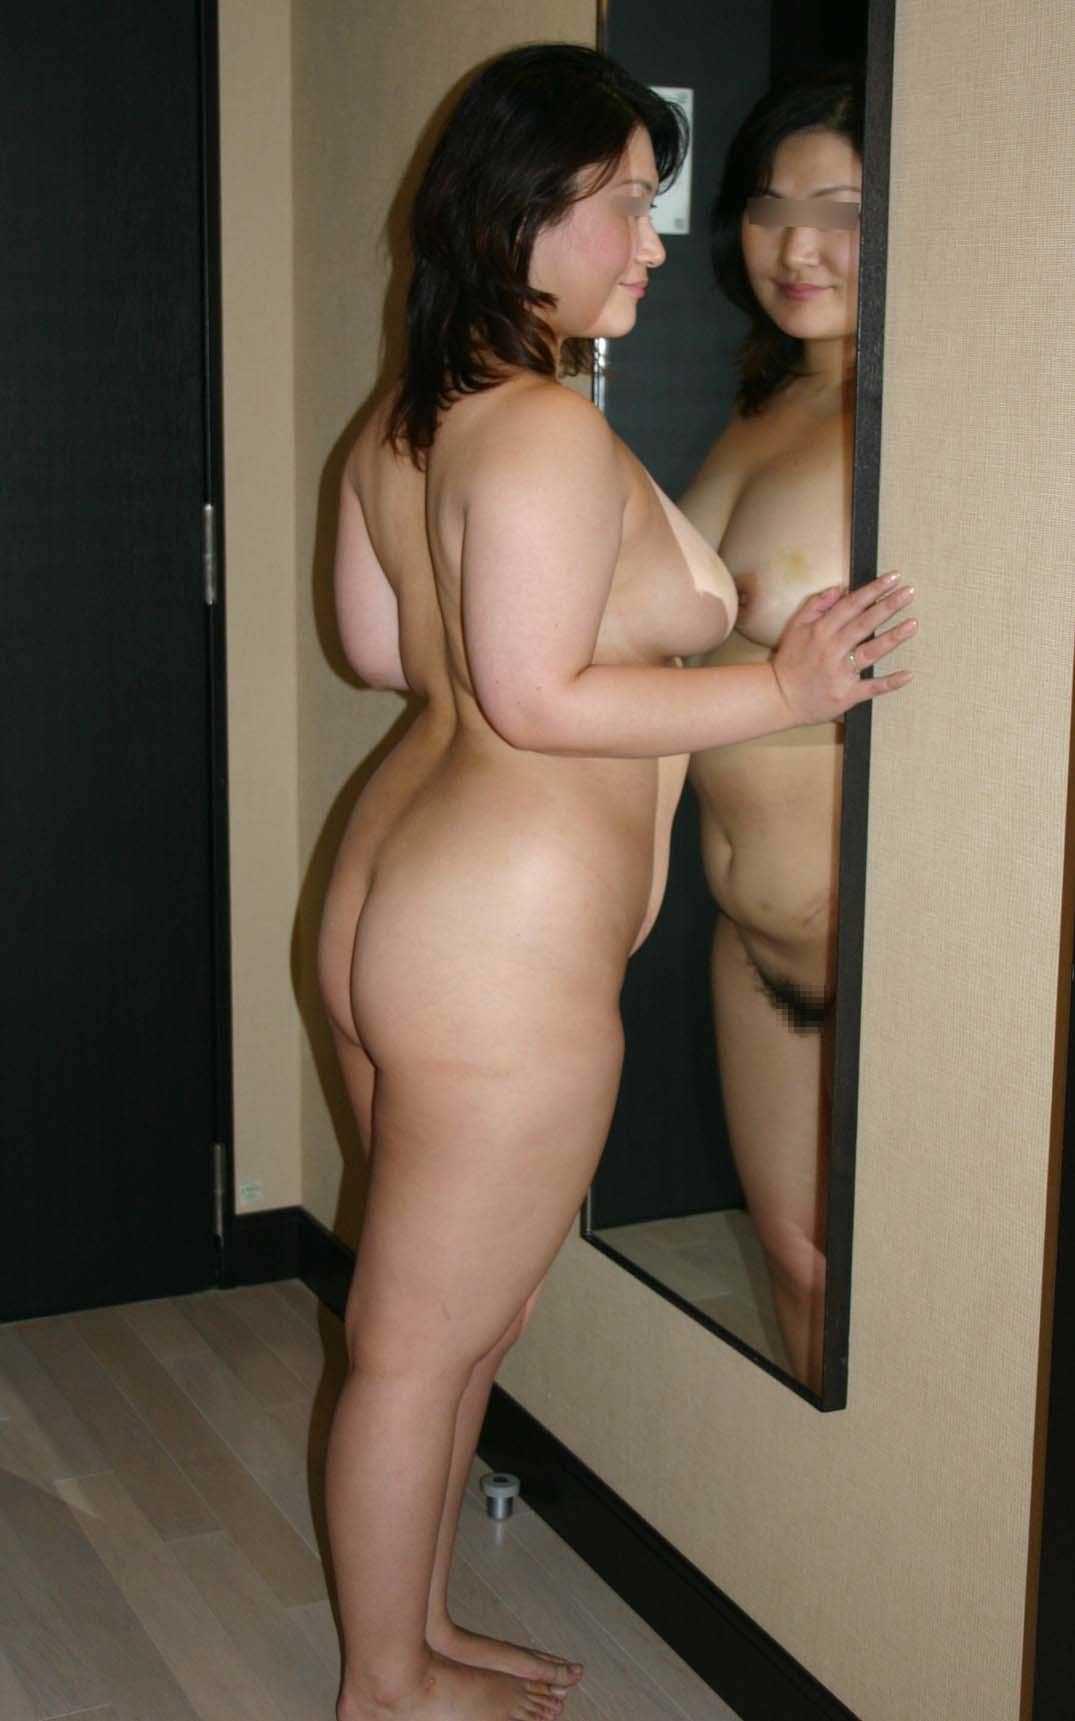 鏡におっぱいを押し付けてるむっちり熟女!